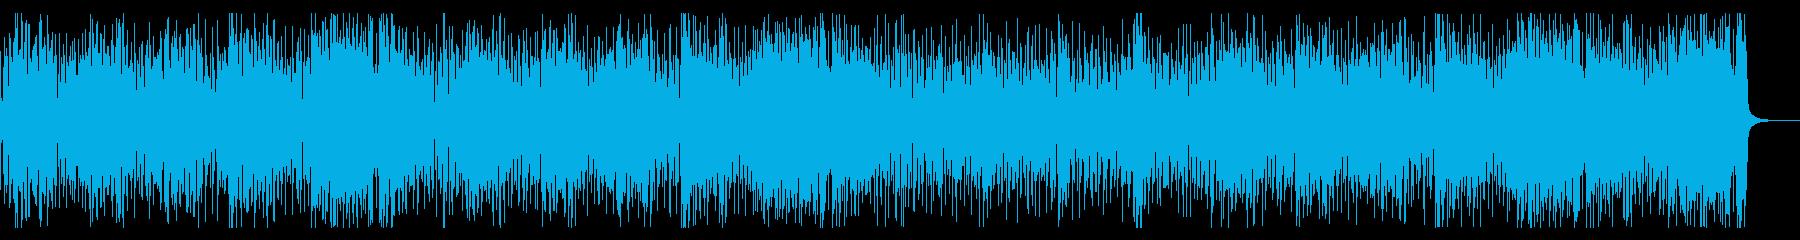 ファンキー&スリリングなホーンセクションの再生済みの波形